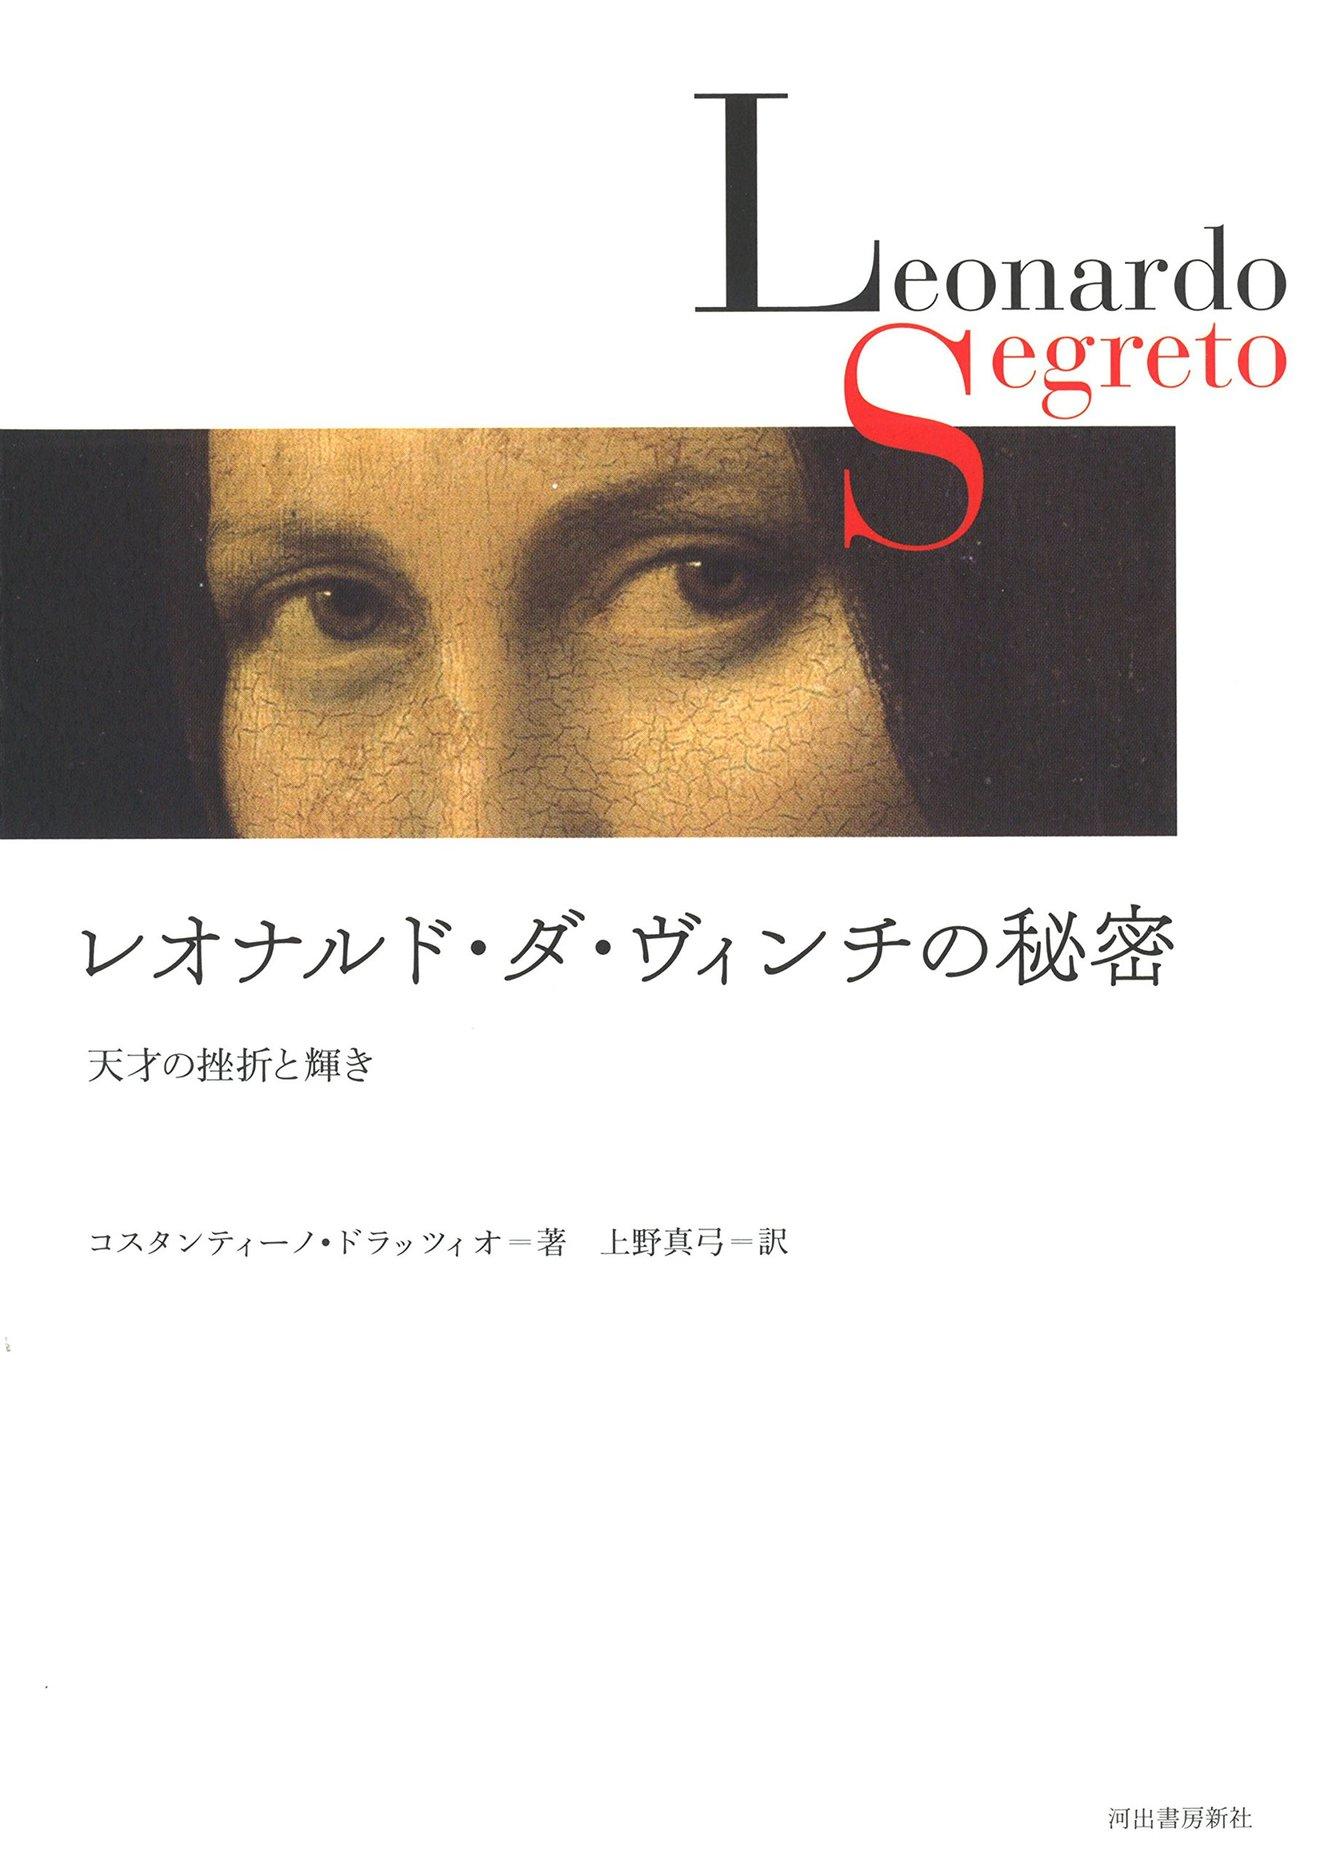 レオナルド・ダ・ヴィンチを知る5冊!あらゆる分野に精通した天才芸術家